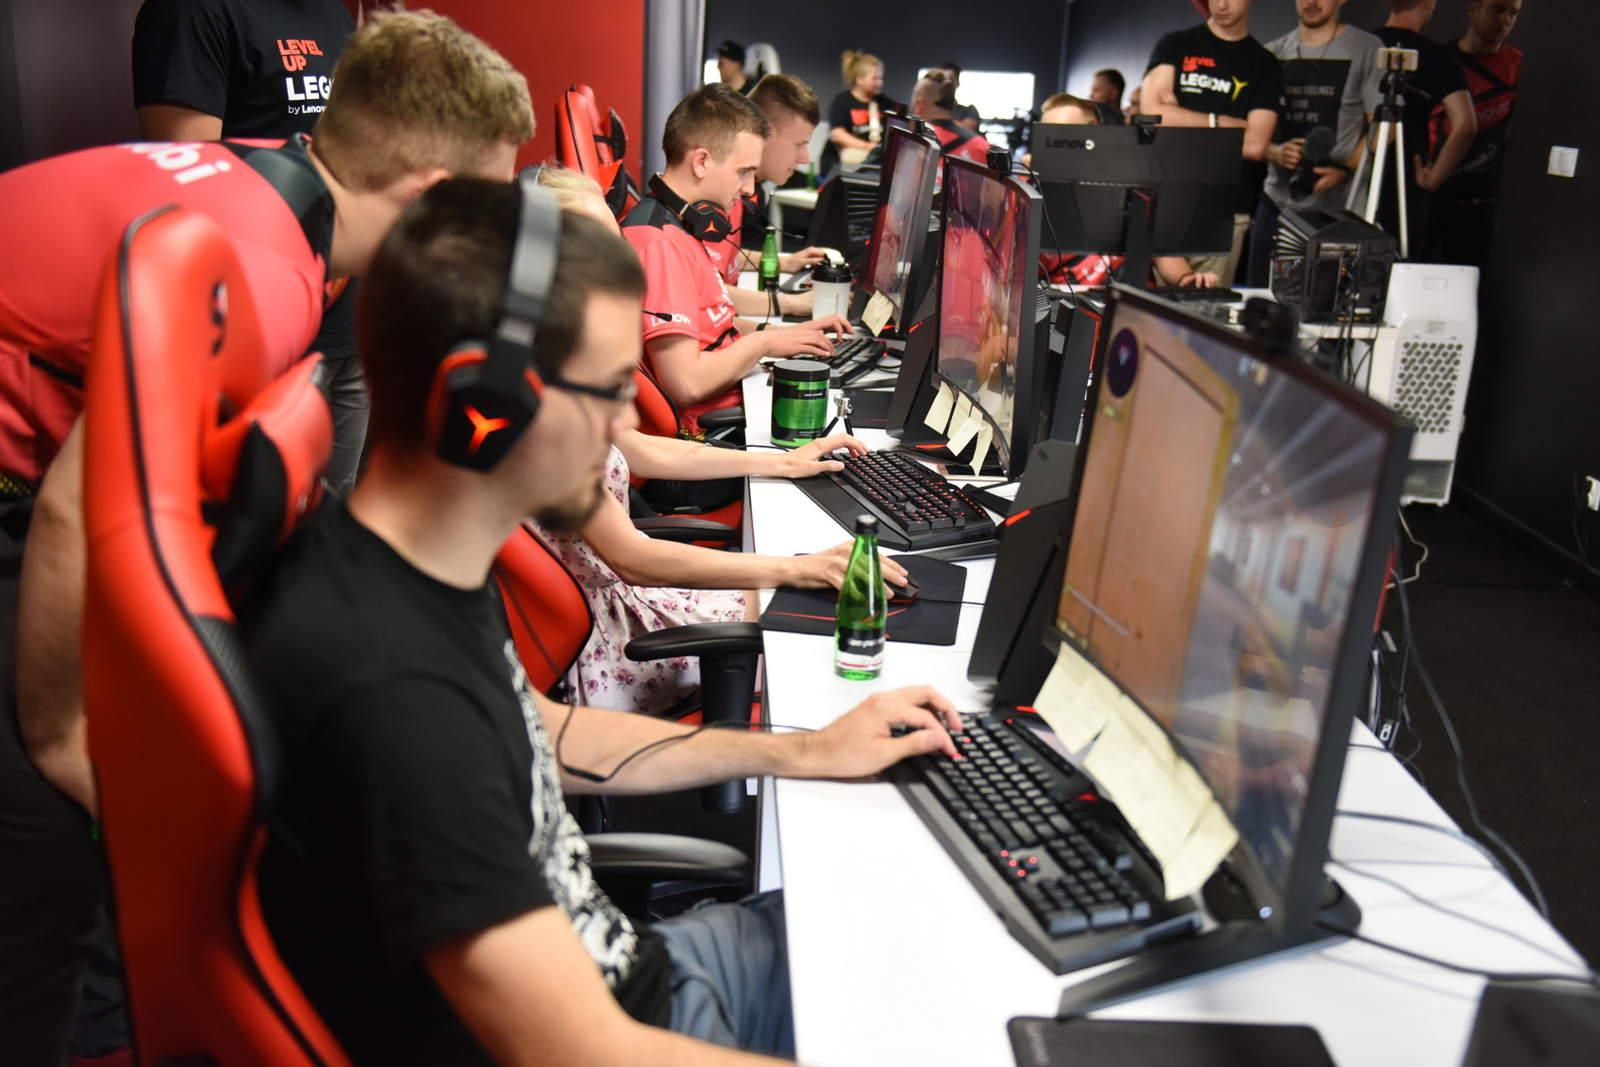 The Legion ekipa e-sportowa - zdjęcie 4